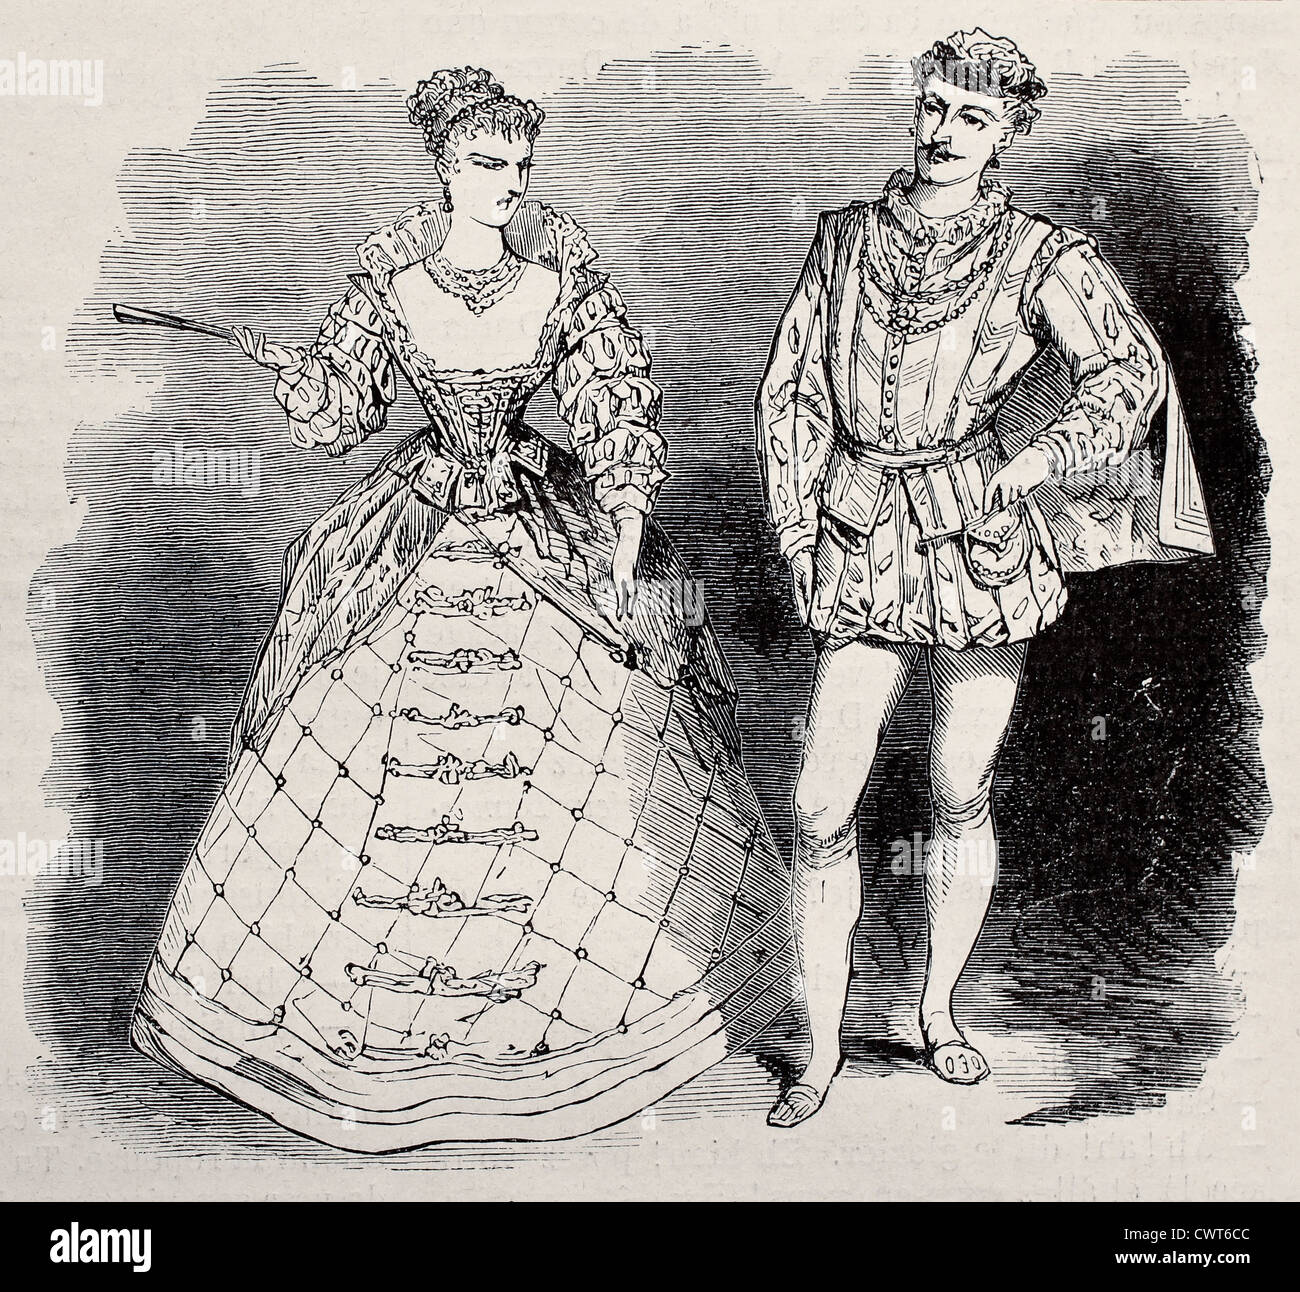 17th century aristocratic costumes - Stock Image